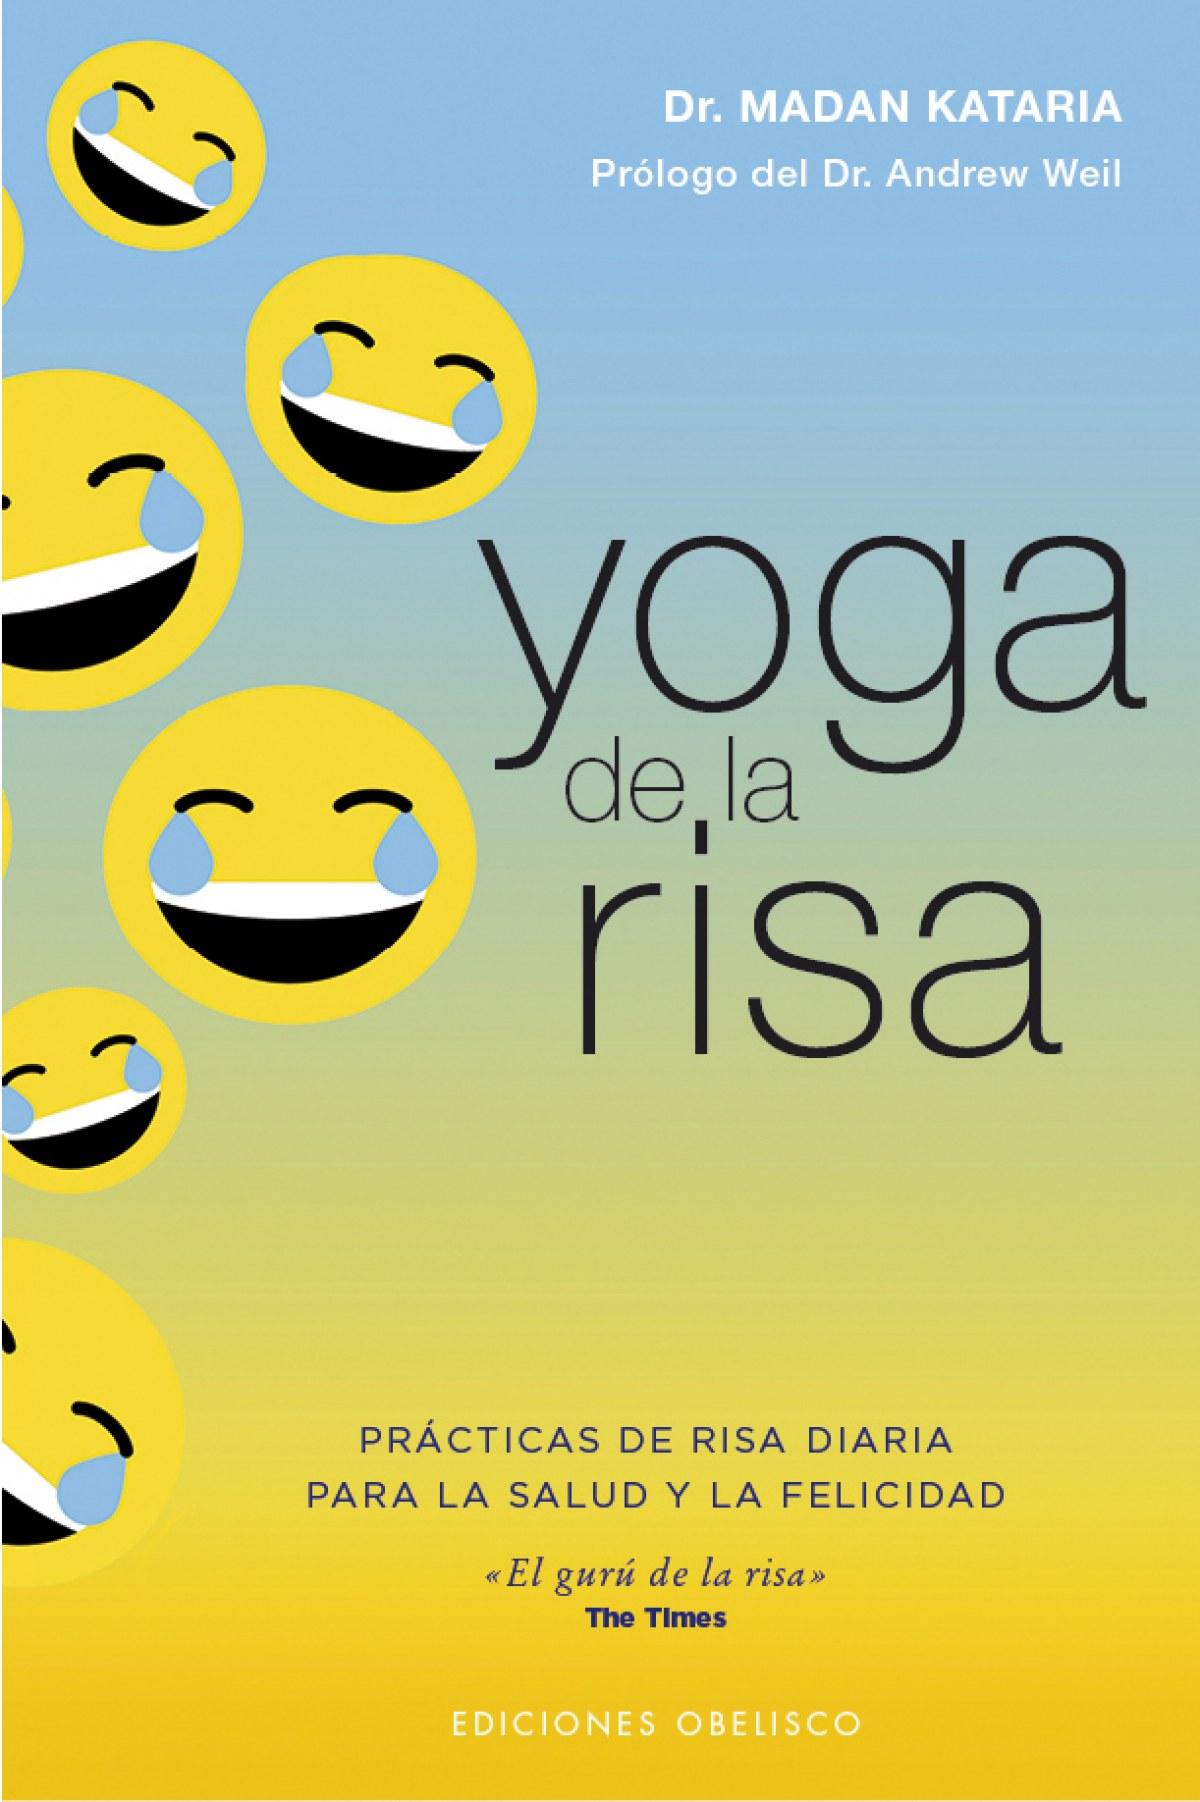 Yoga de la risa